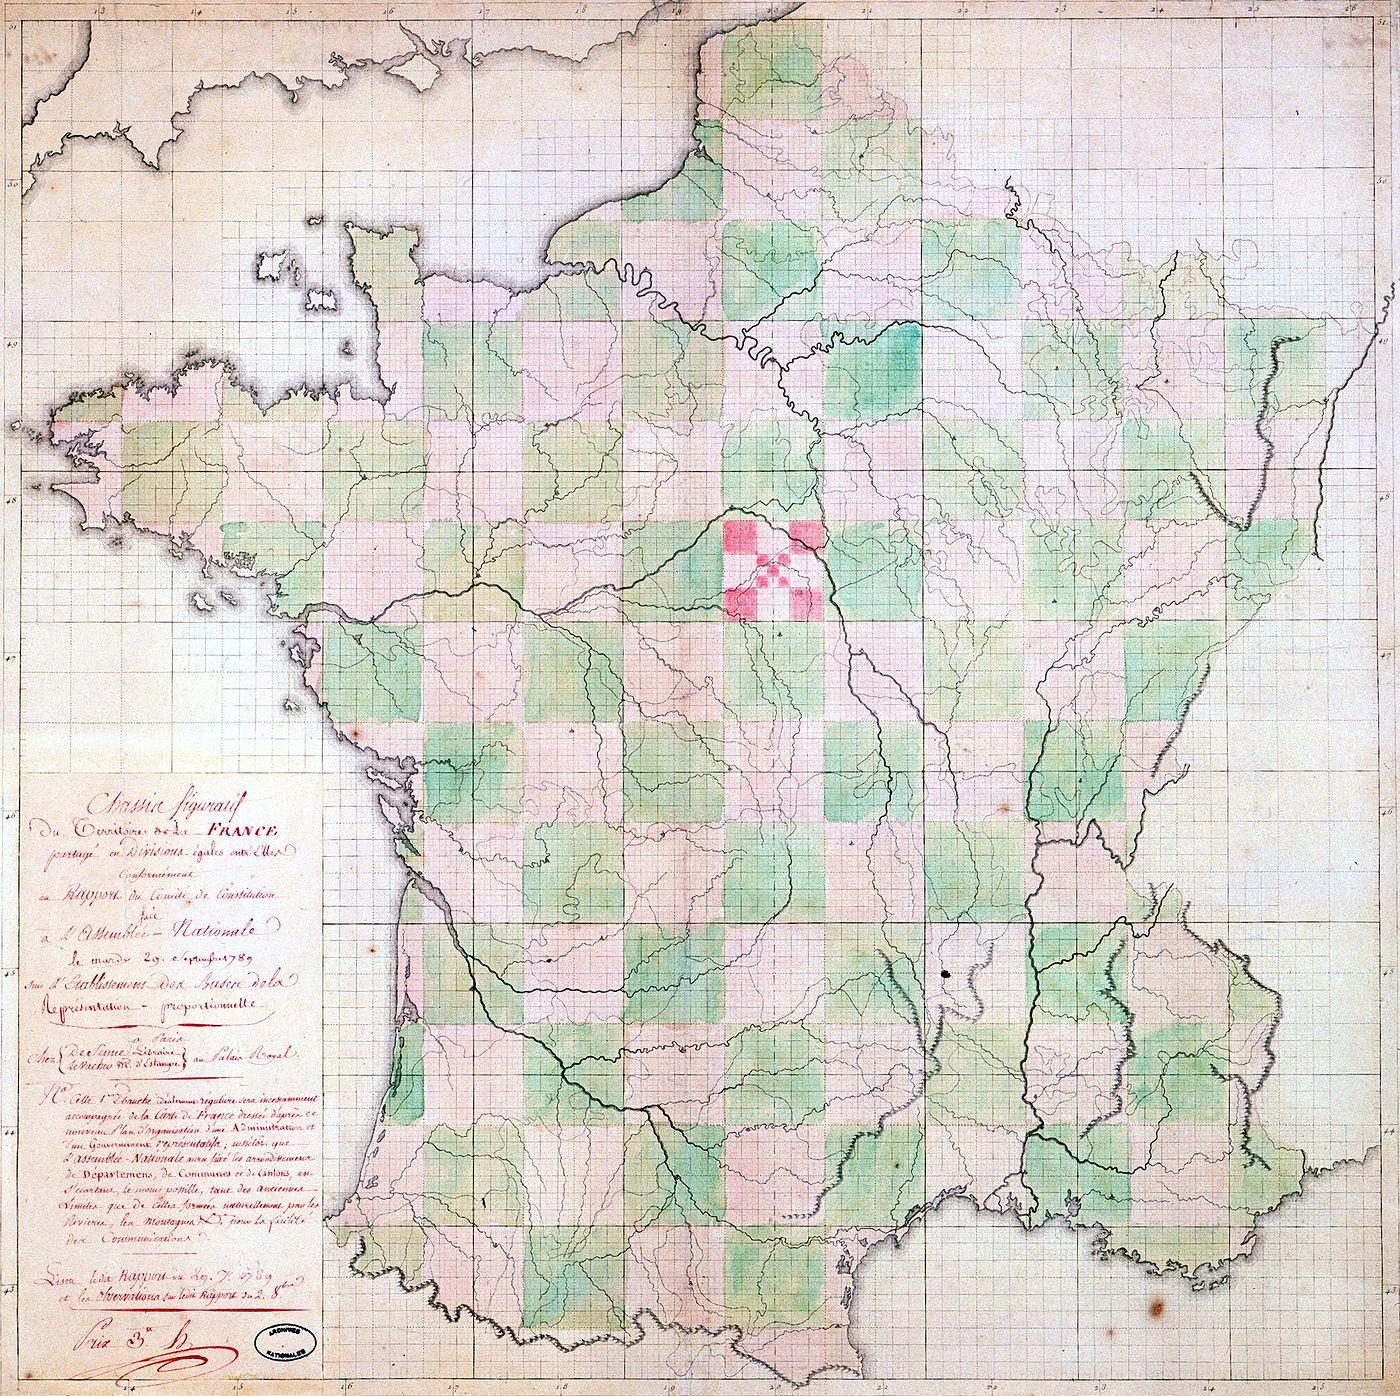 La Formation Des Départements | Histoire Et Analyse D'images concernant Les Nouvelles Régions De France Et Leurs Départements